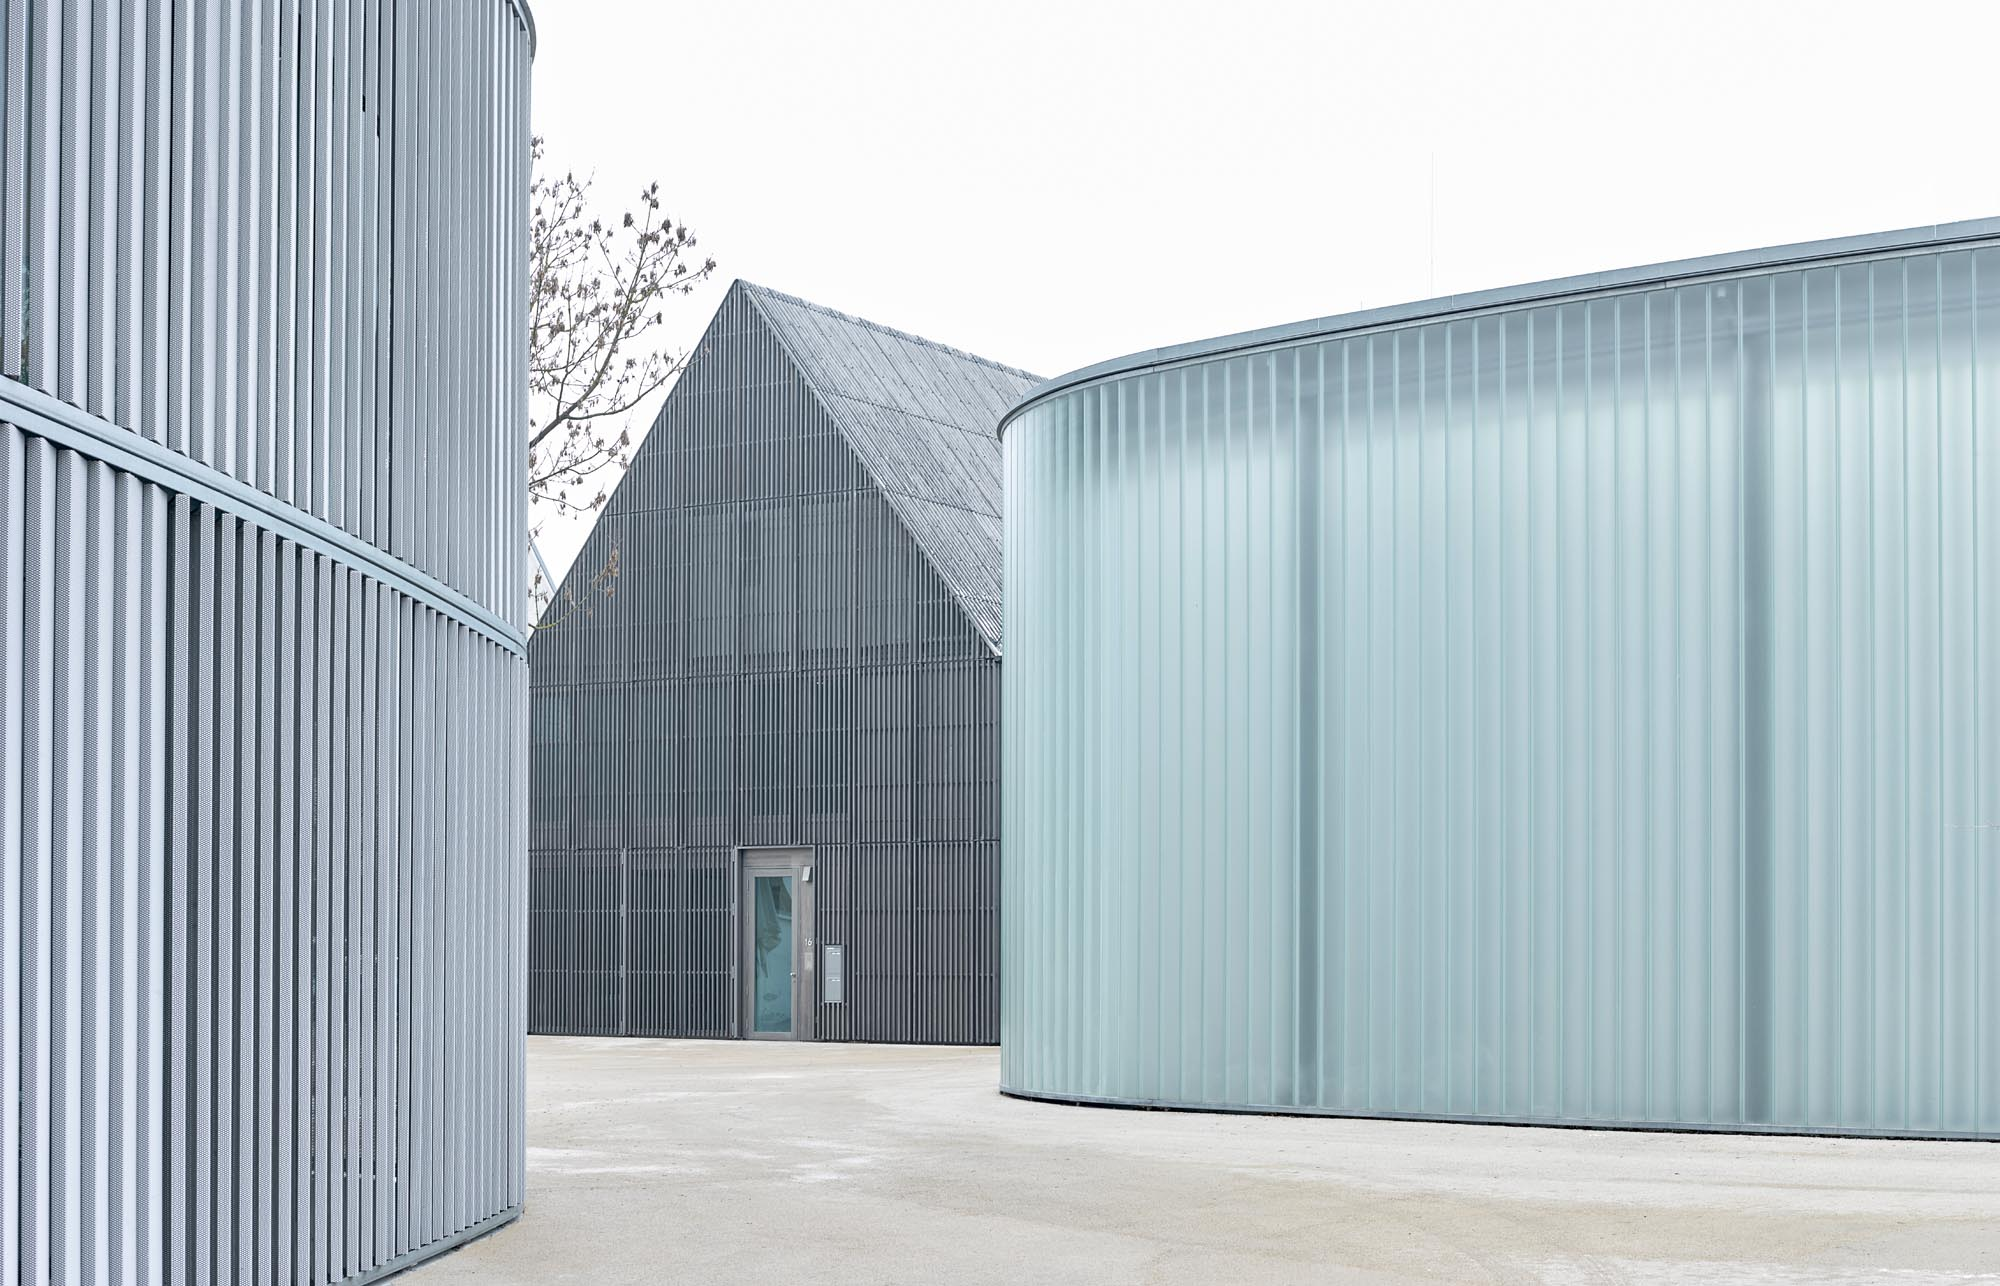 Opp 002417 ret - Galerie Stihl Waiblingen: Außenansichten aus sechs Perspektiven und vier Jahreszeiten